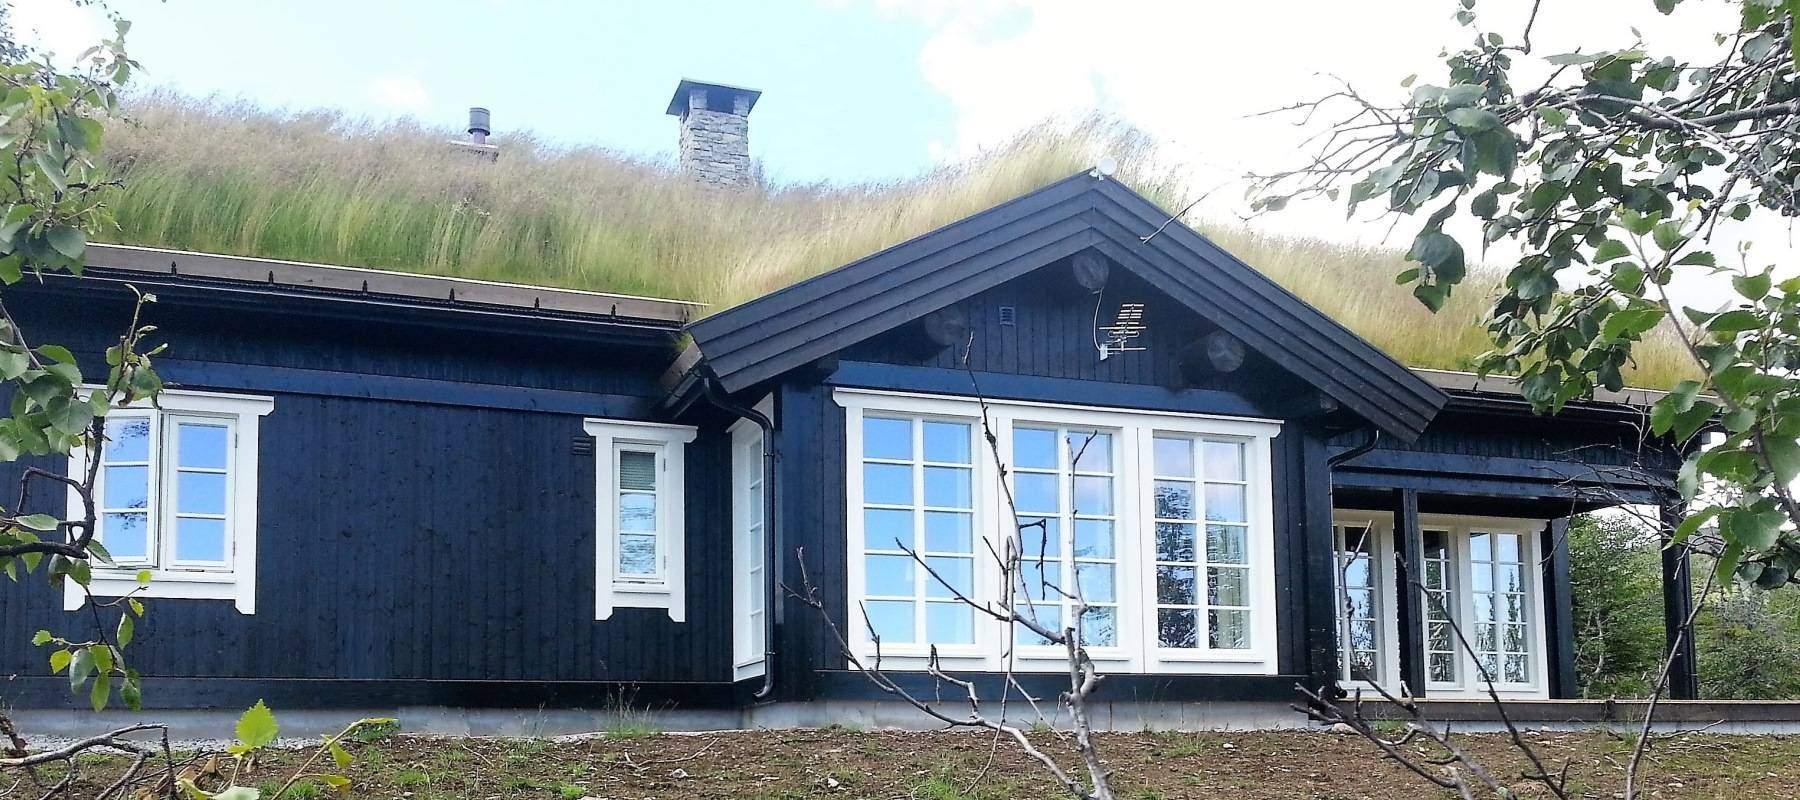 194 Hytte Høgevarde- Stryn 97